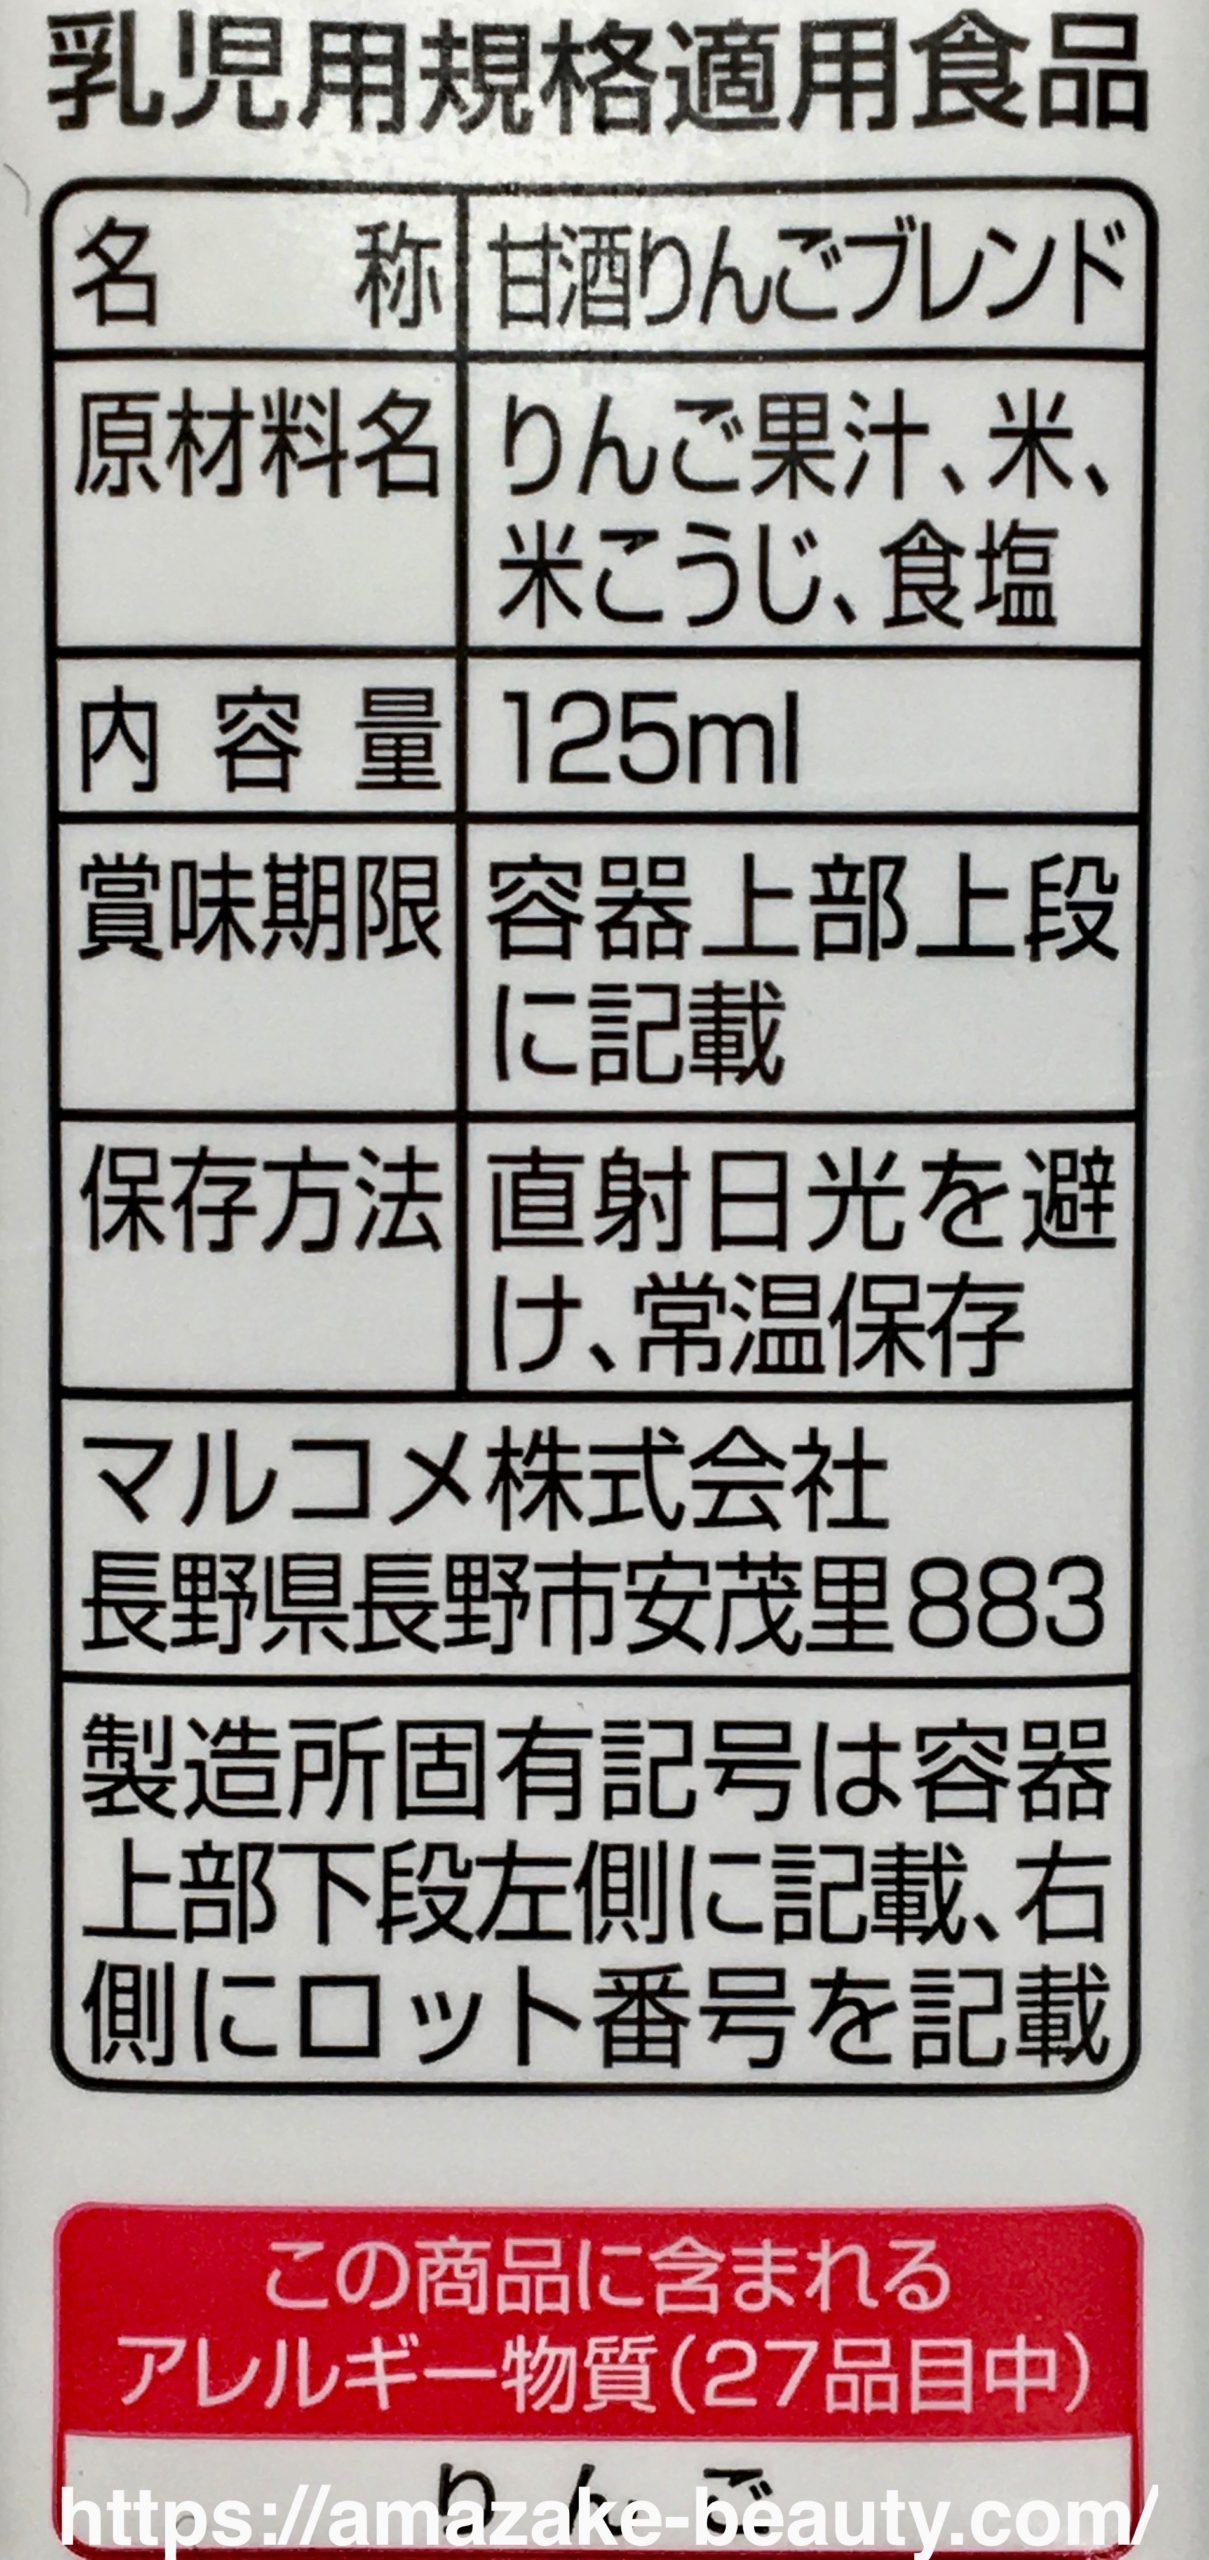 【甘酒】マルコメ『糀甘酒(りんご)』(商品情報)